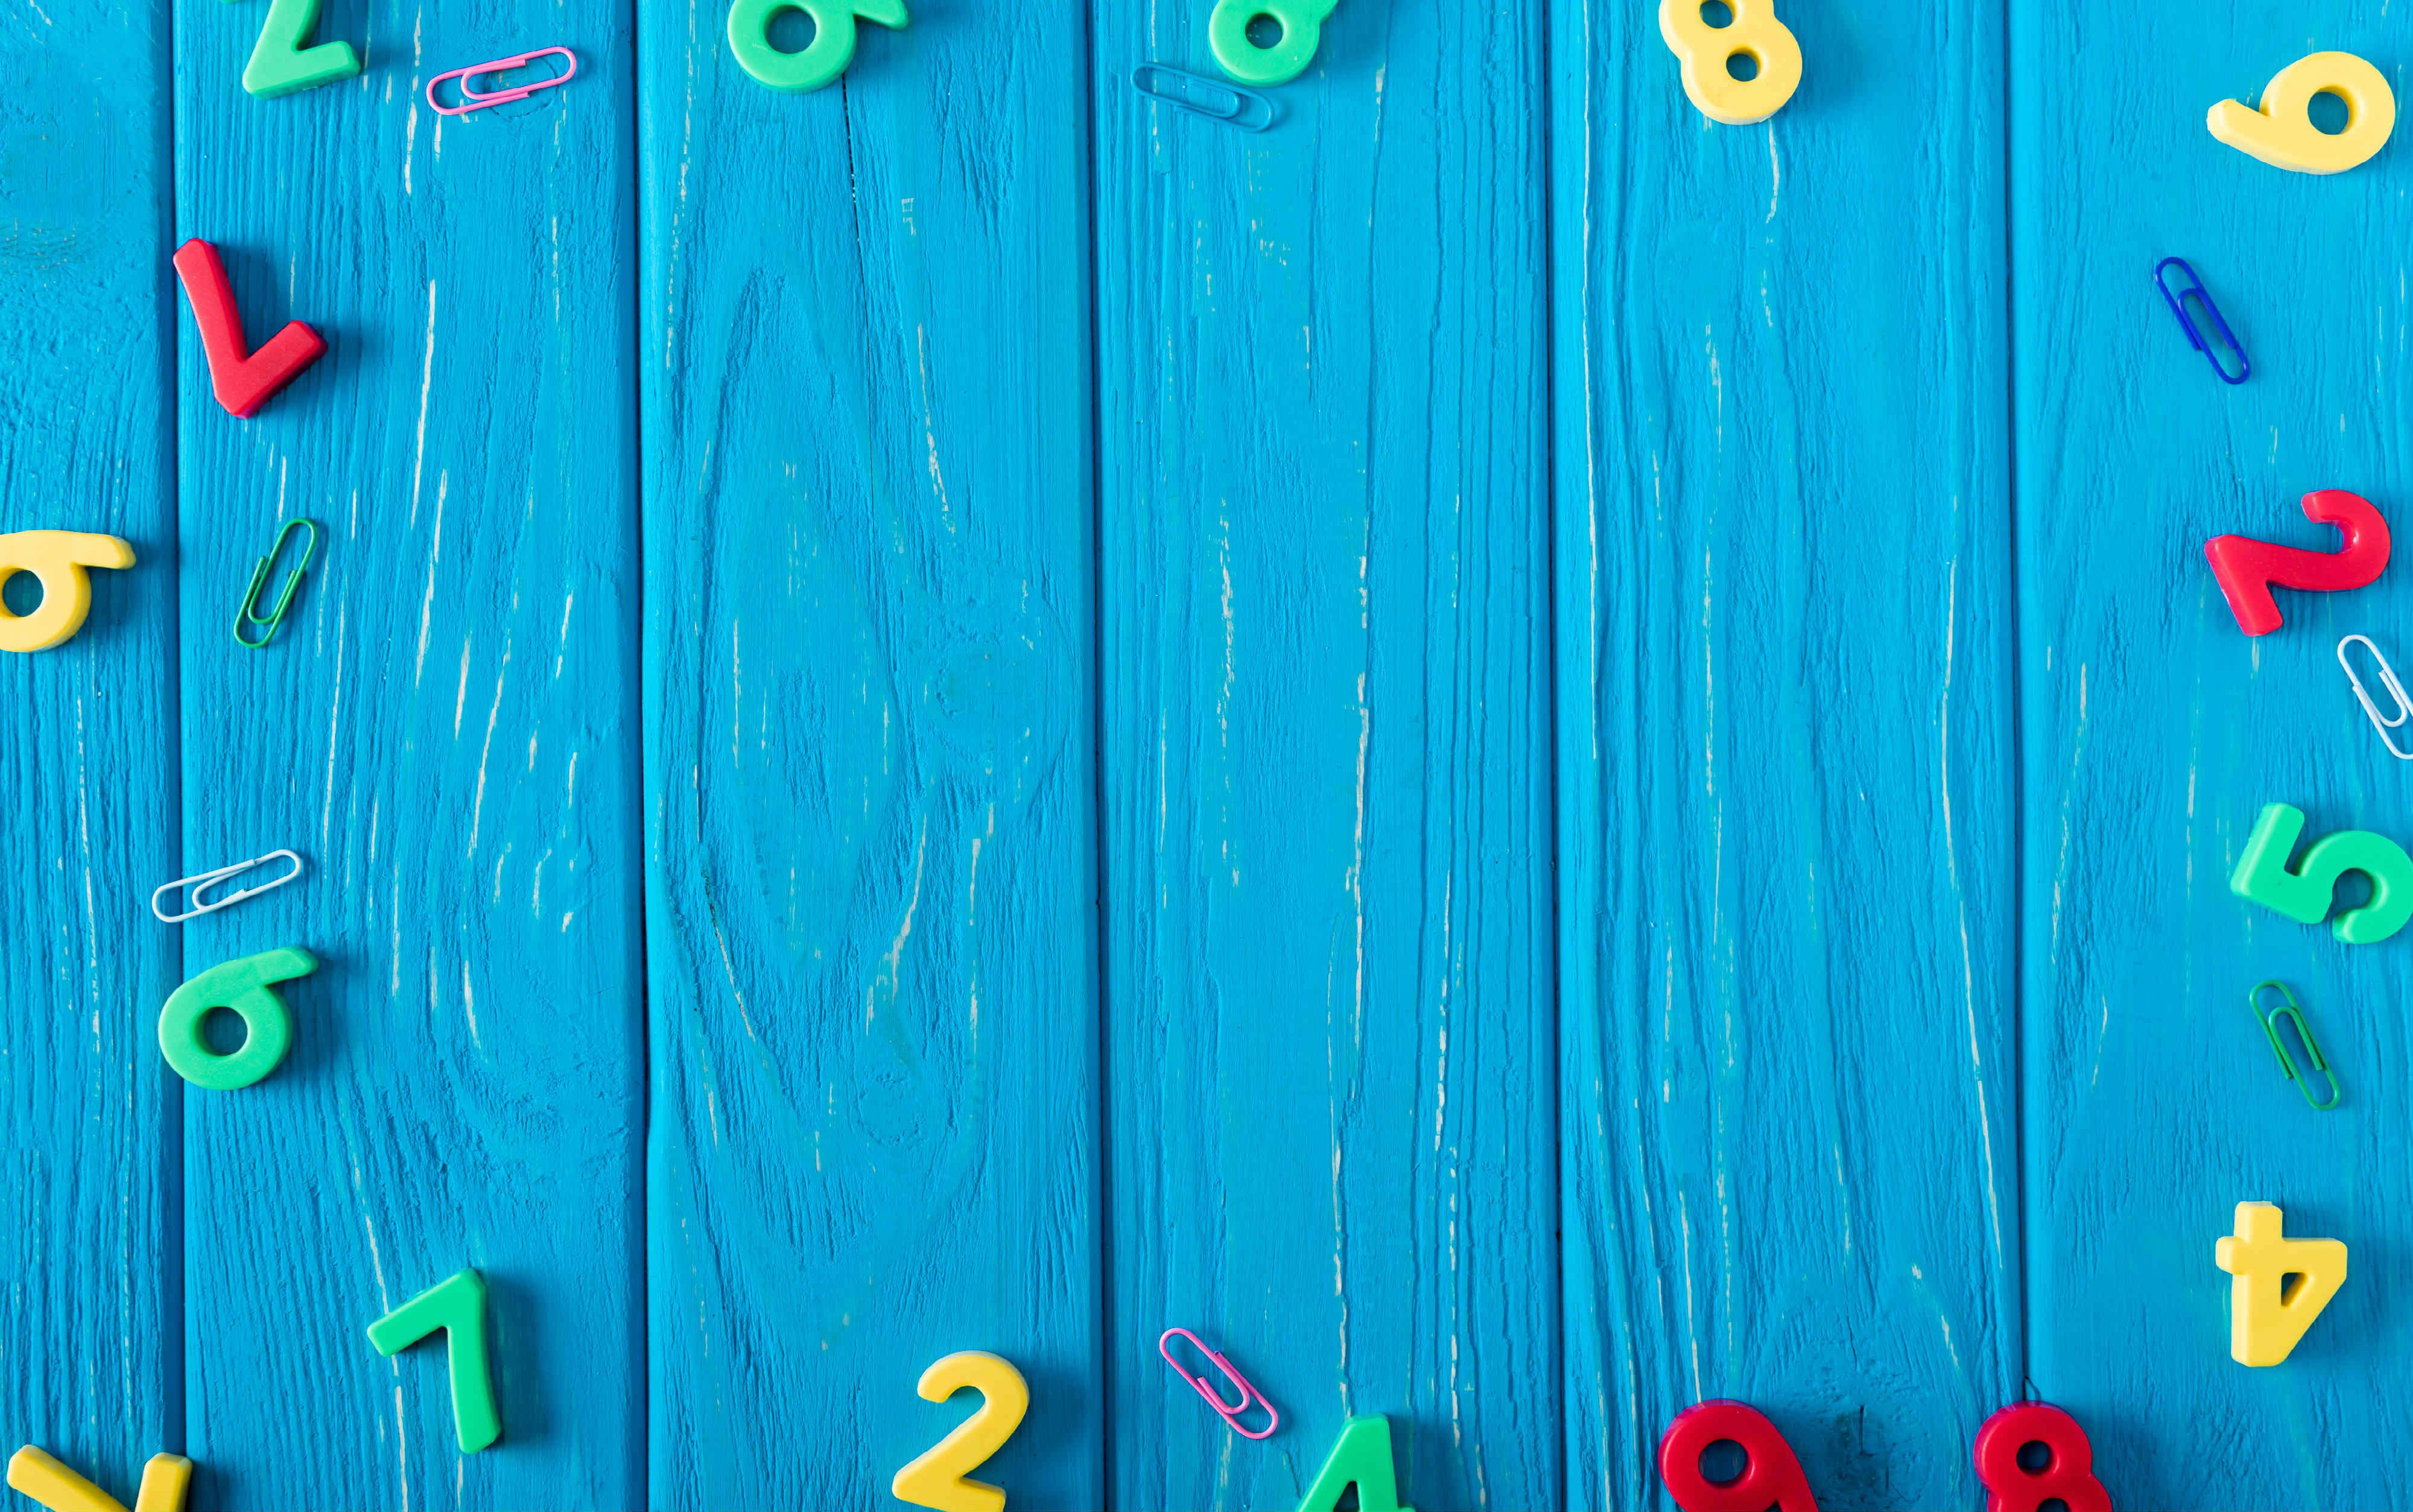 MNP予約番号の有効期間(期限)は15日!過ぎてしまうとどうなる?